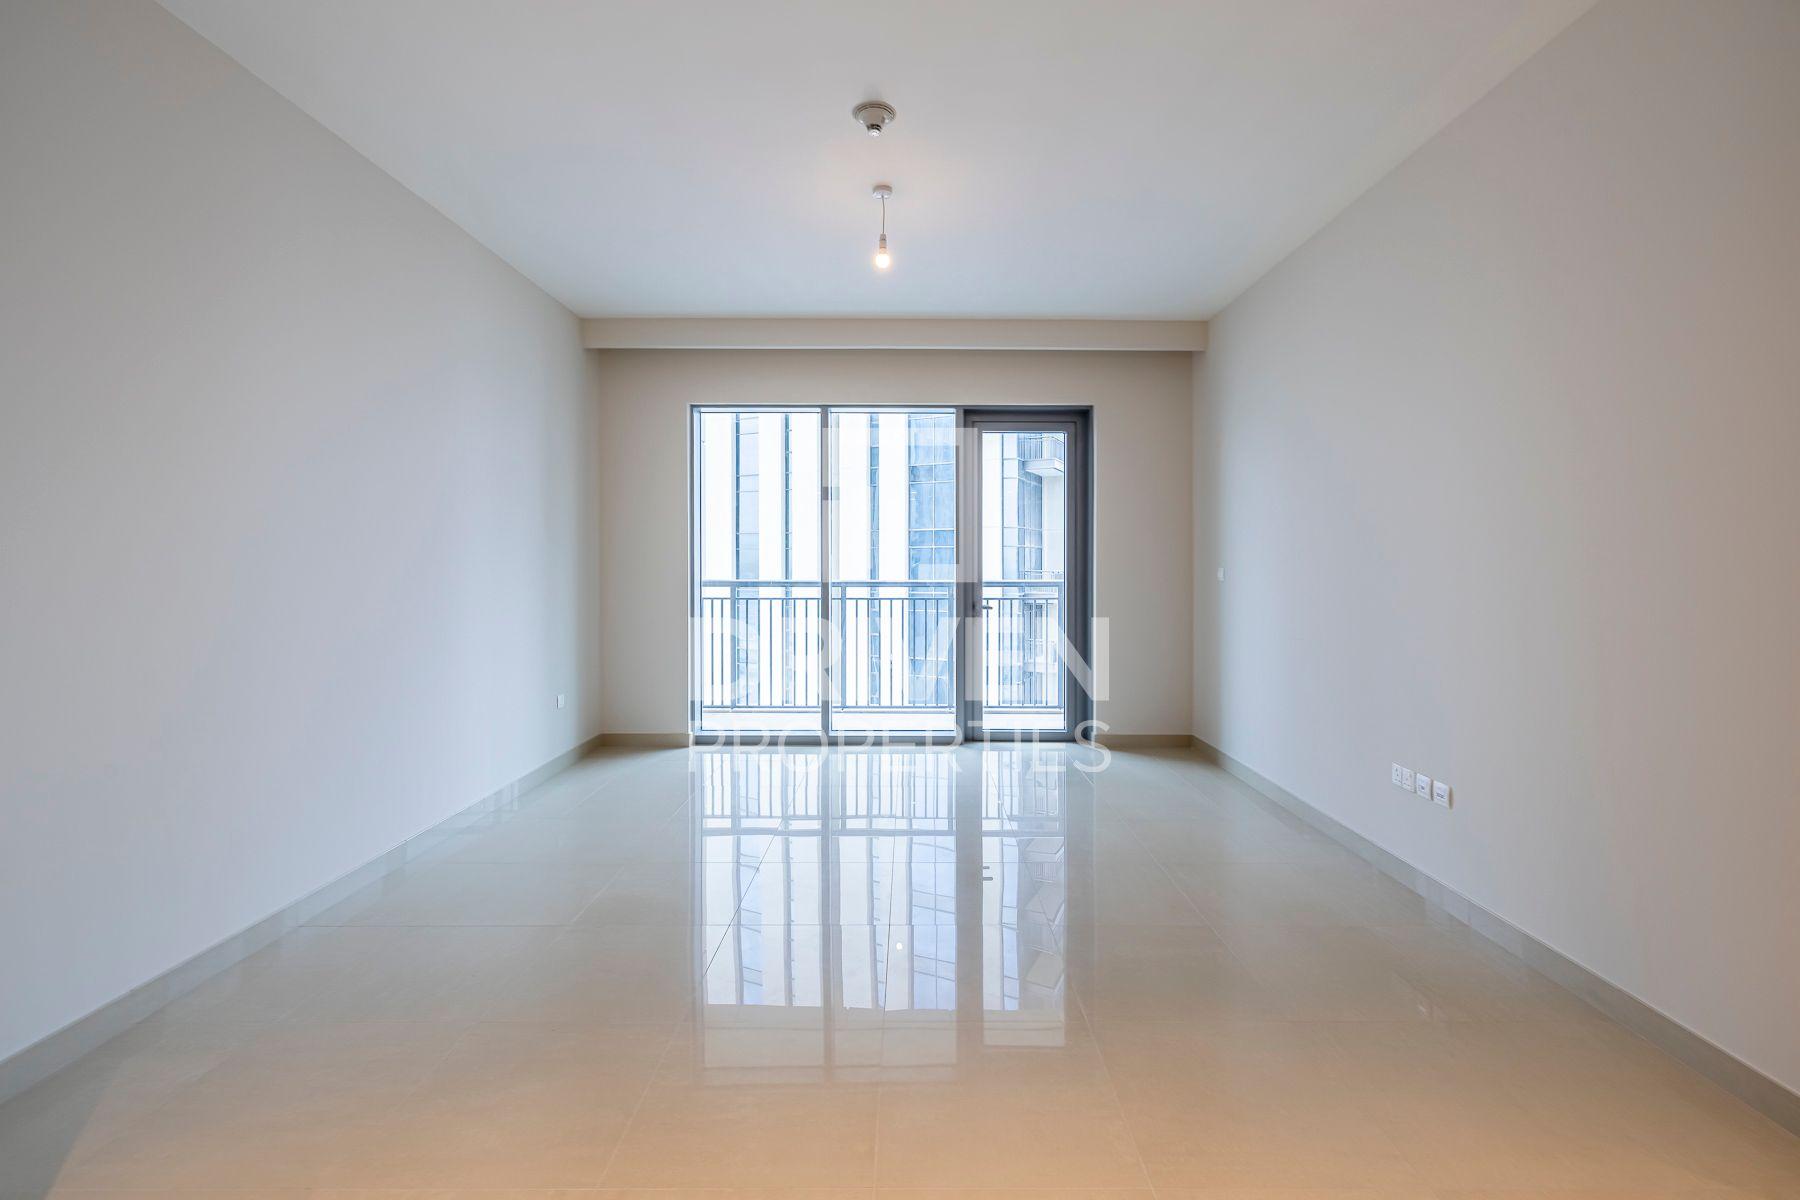 للبيع - شقة - 2 هاربور فيوز - ميناء خور دبي